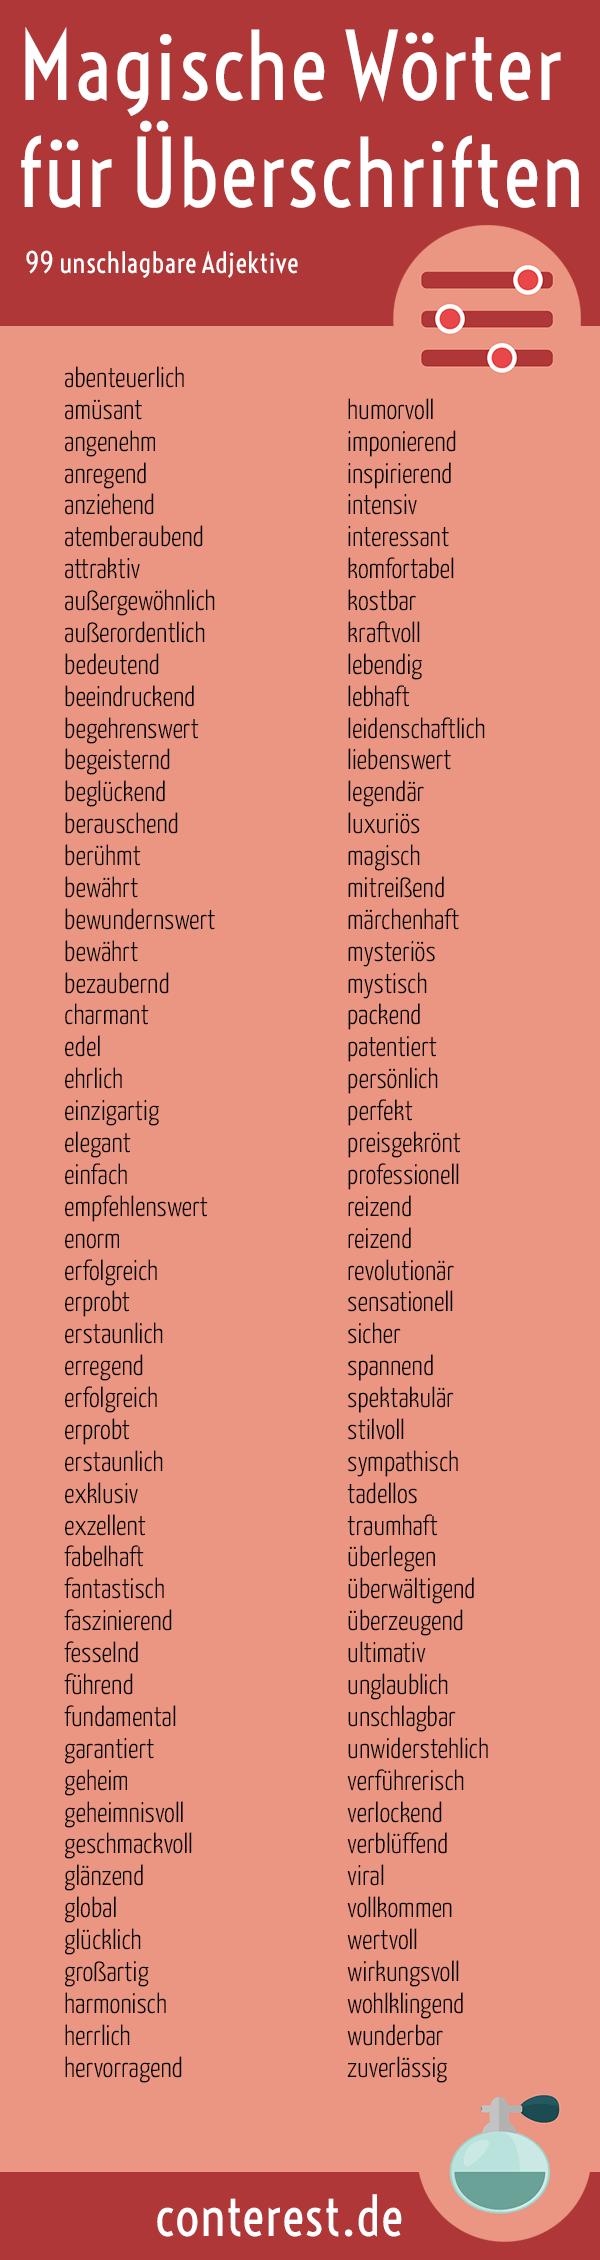 Wie Du Unschlagbar Gute Uberschriften Schreibst 111 Worter Infografik Fremdworter Worter Bildungssprache